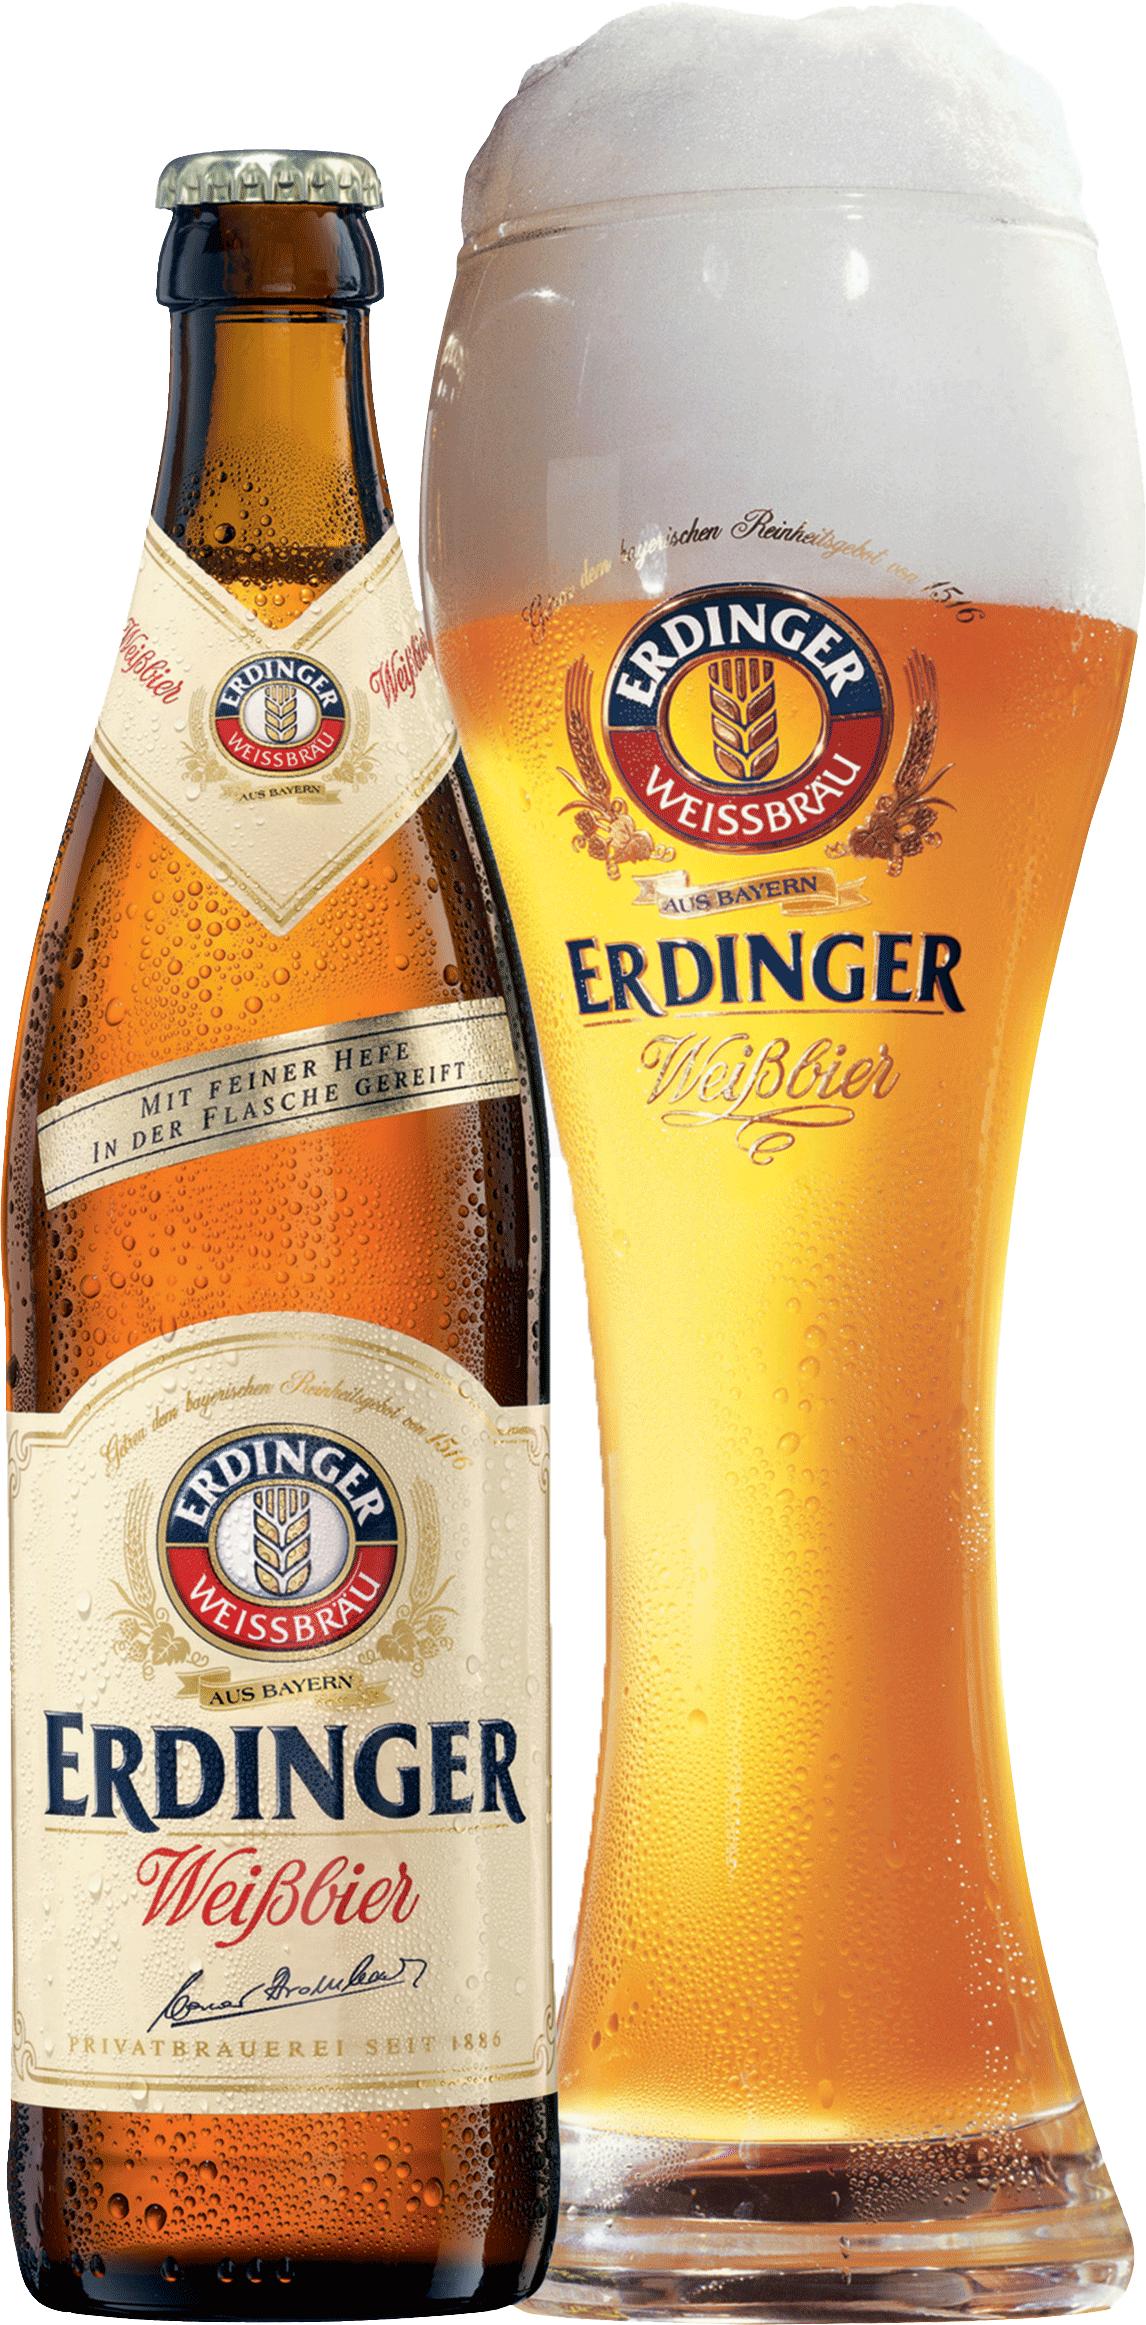 Erdinger Weissbräu Erdinger Weißbier mit Feiner Hefe 5,3% ...